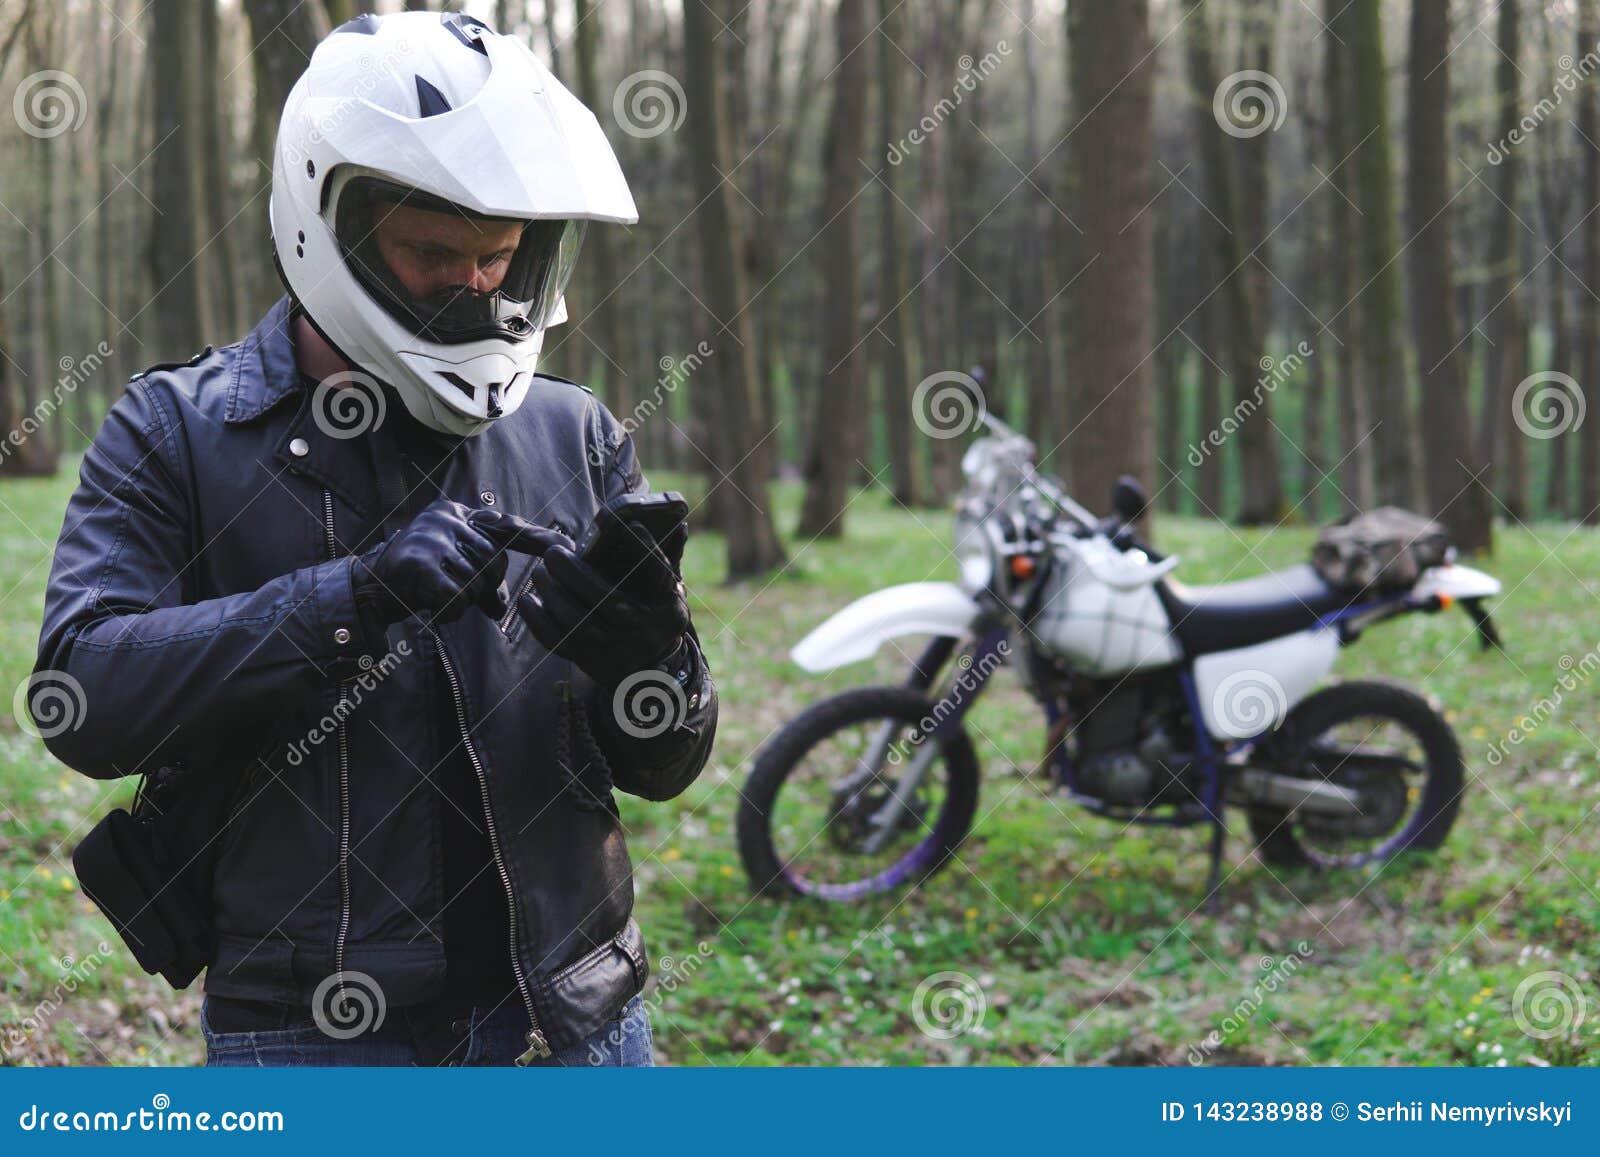 La motocicleta clásica del enduro del camino en el bosque de la primavera, hombre en una chaqueta de cuero elegante utiliza un sm